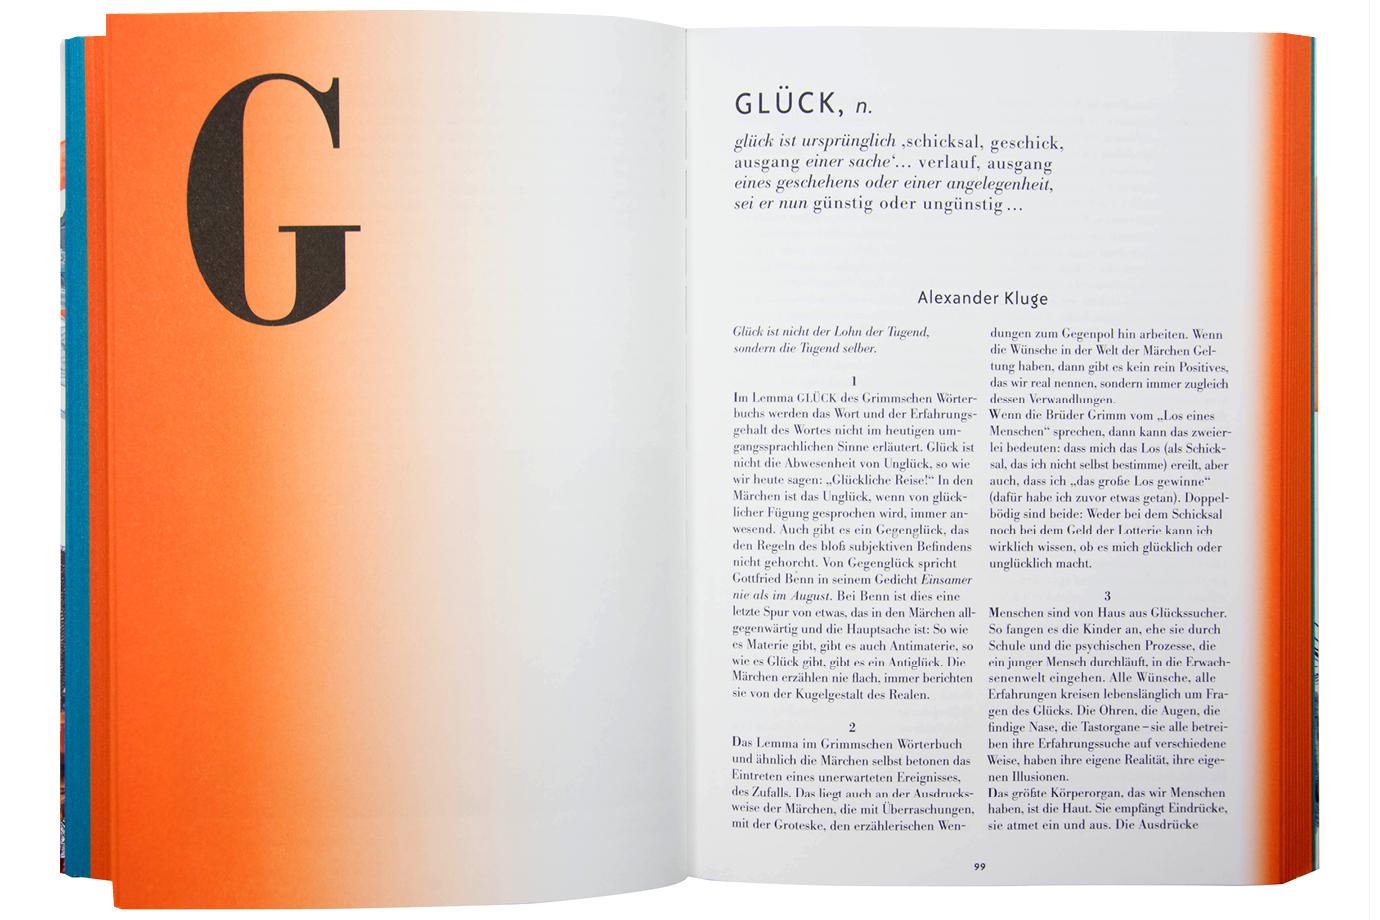 http://e-o-t.de/wordpress/wp-content/uploads/2017/05/2015_eot-Grimmwelt-Book-09.jpg